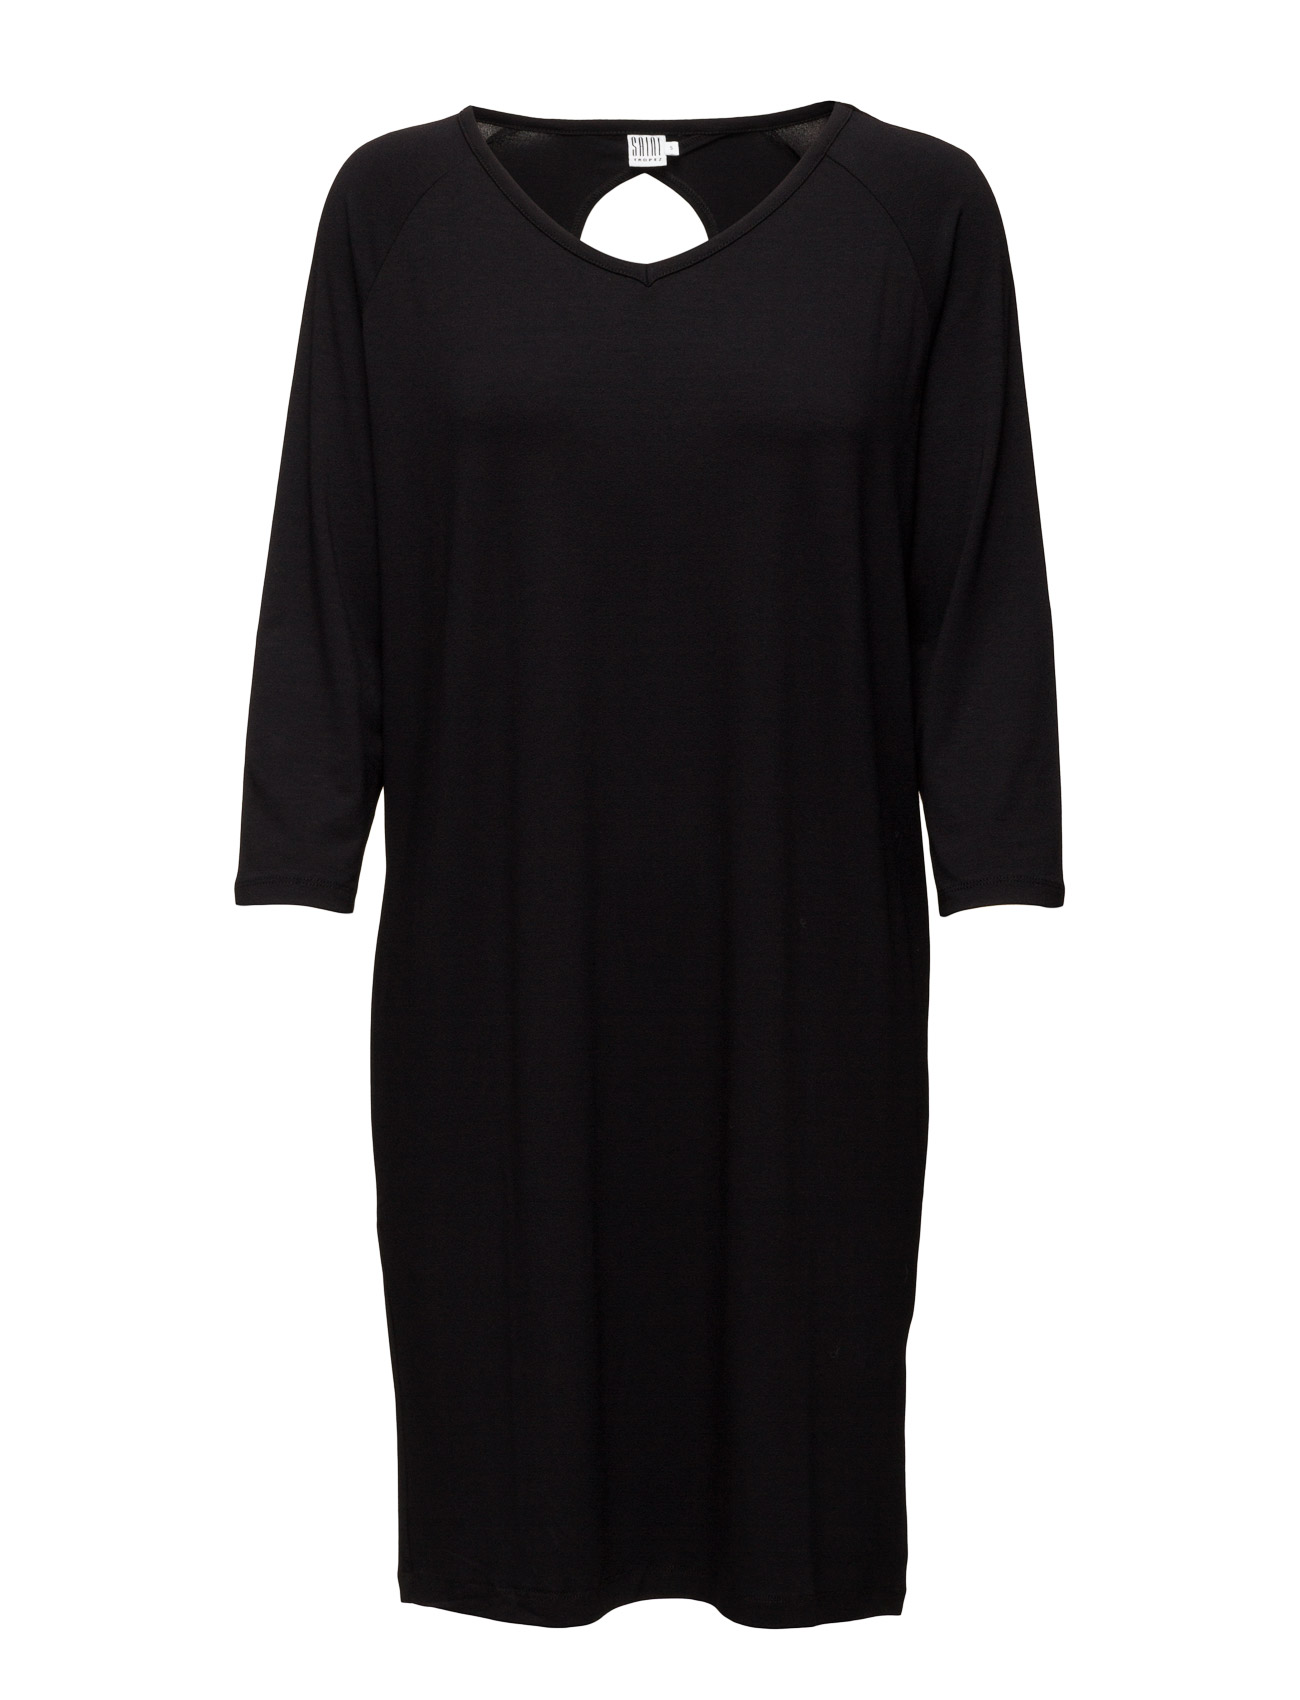 Dress With Neck Hole Detail Saint Tropez Kjoler til Kvinder i